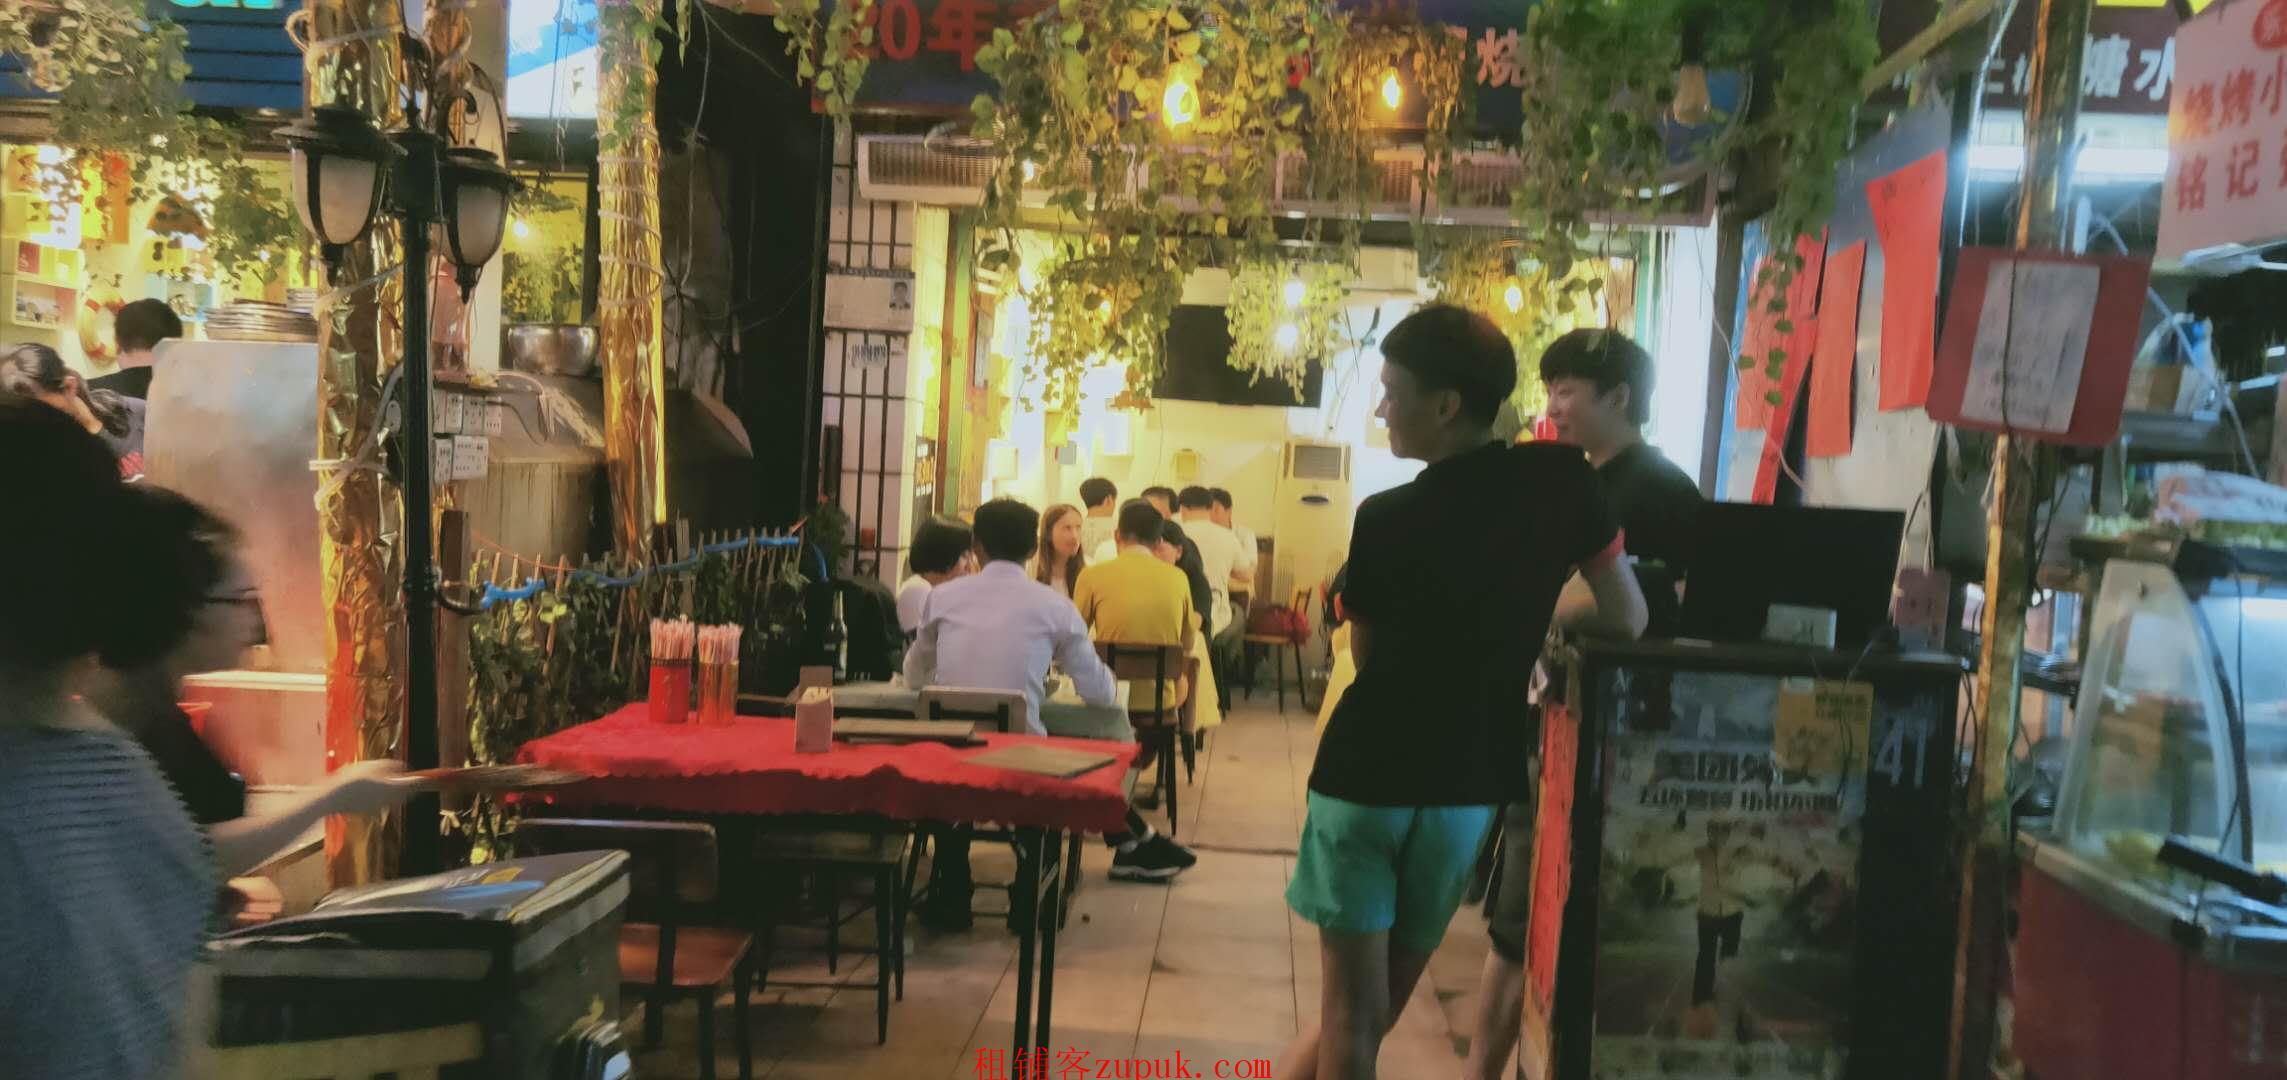 江泰路地铁旁小吃店,门口人超多,可各种餐饮,